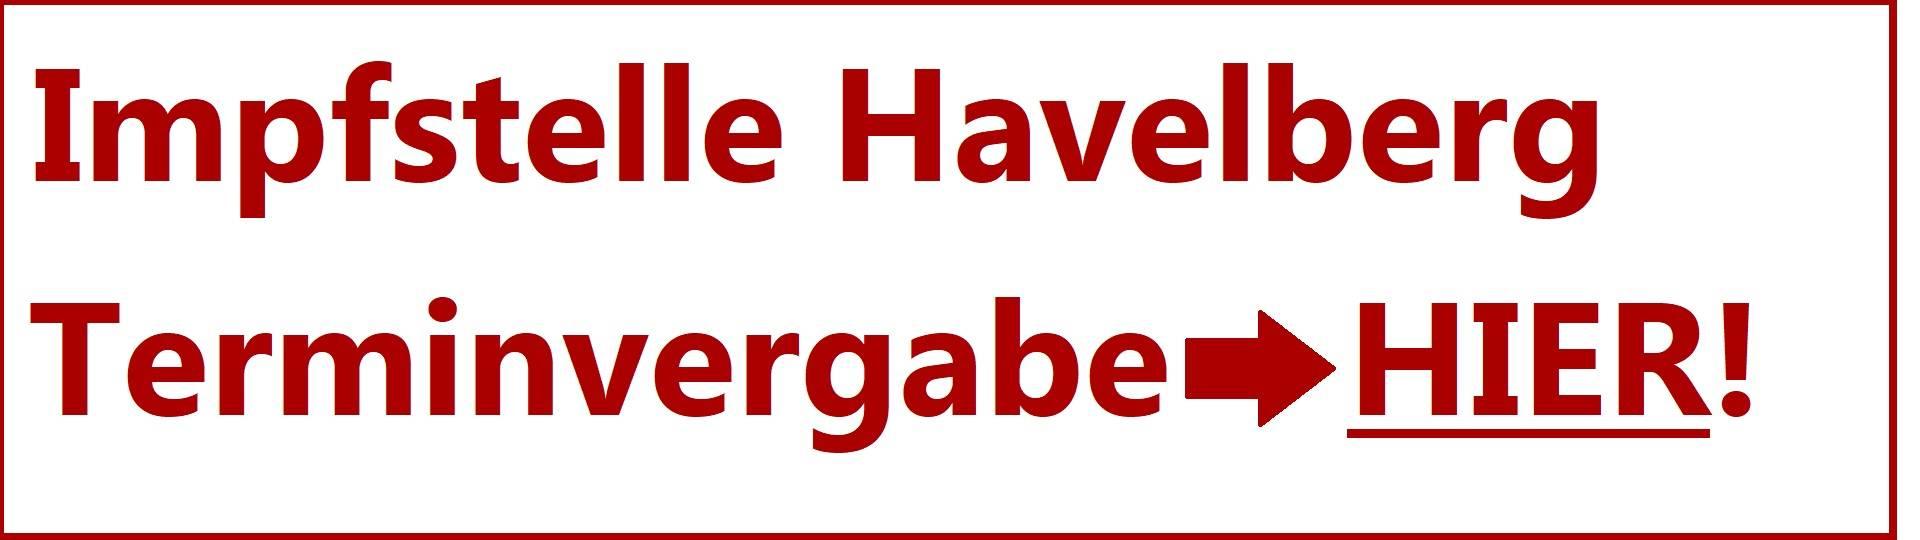 impfstelle havelberg terminvergabe hier! ©Hansestadt Havelberg